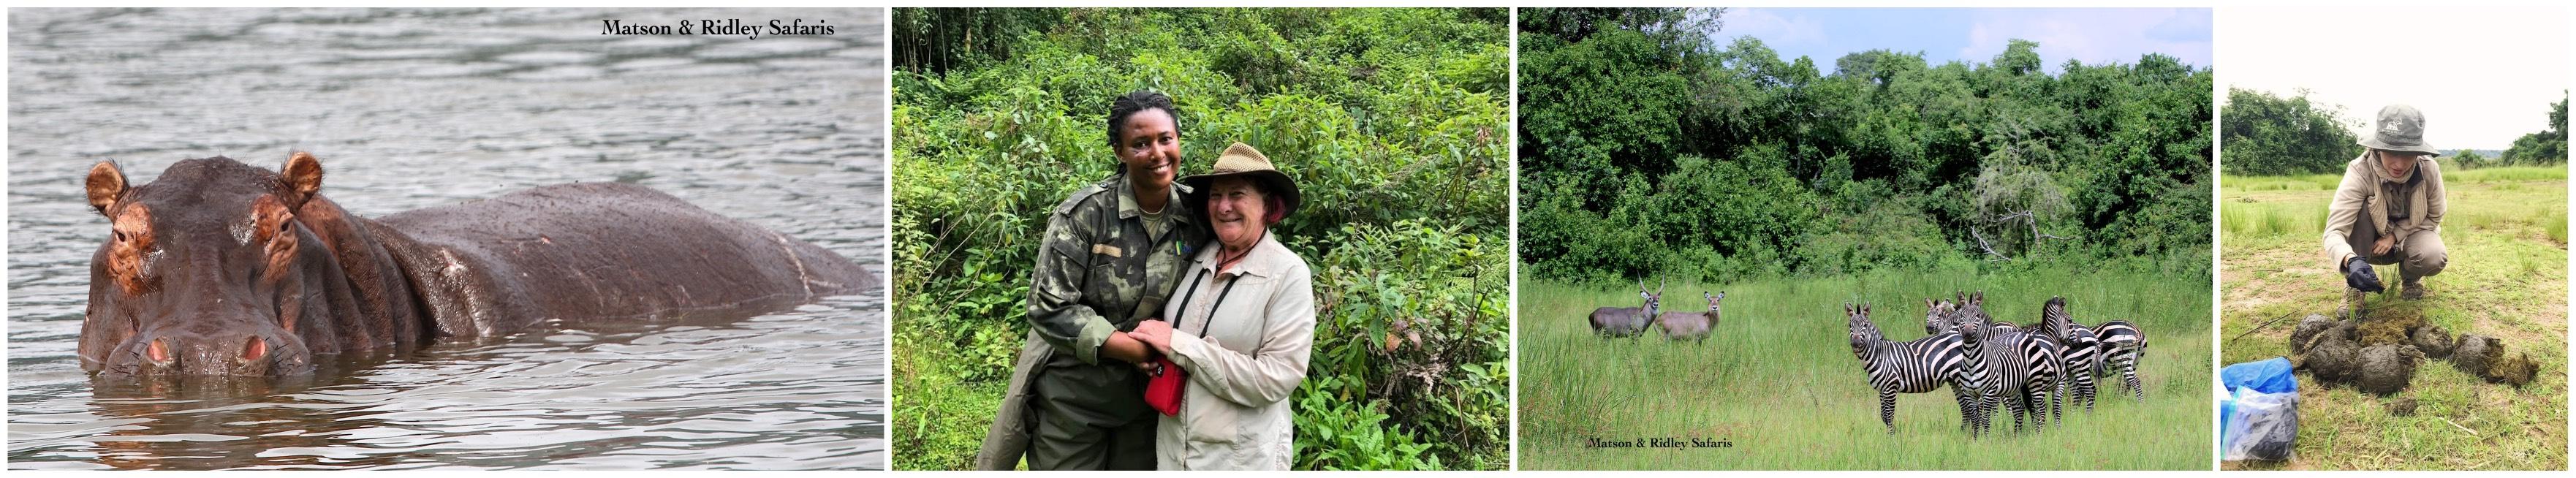 general Rwanda shots